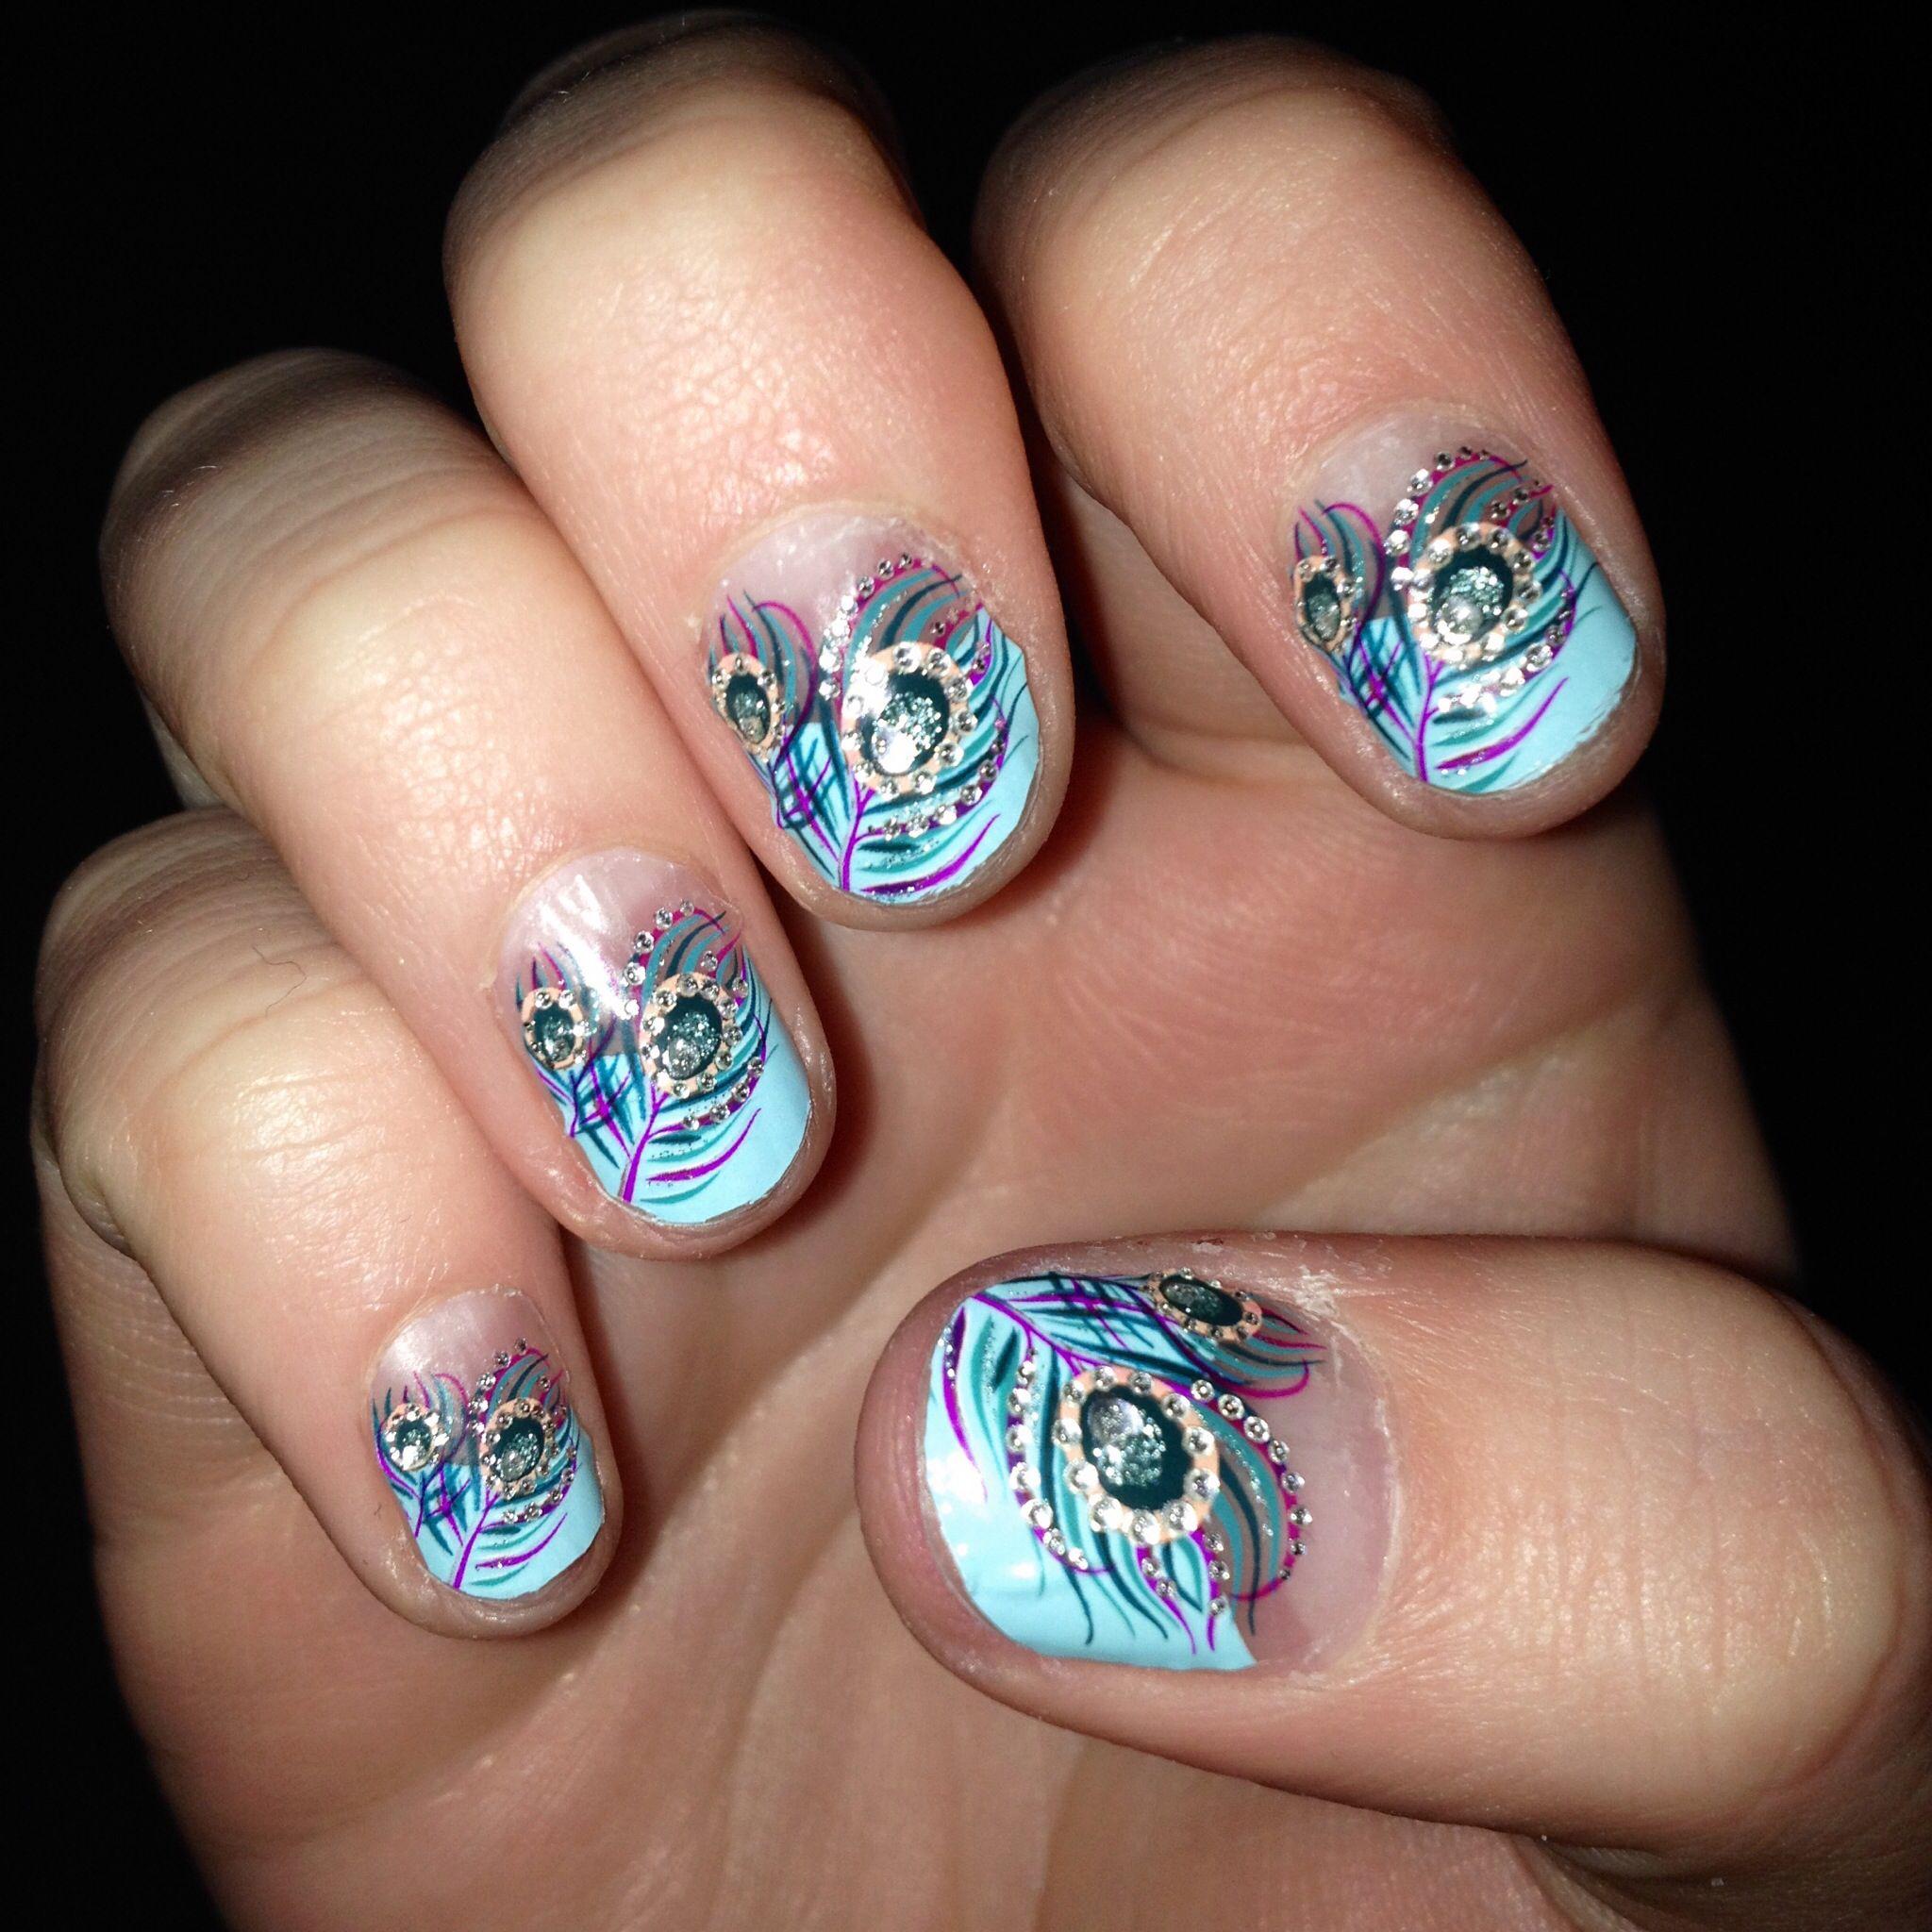 $1 nail art